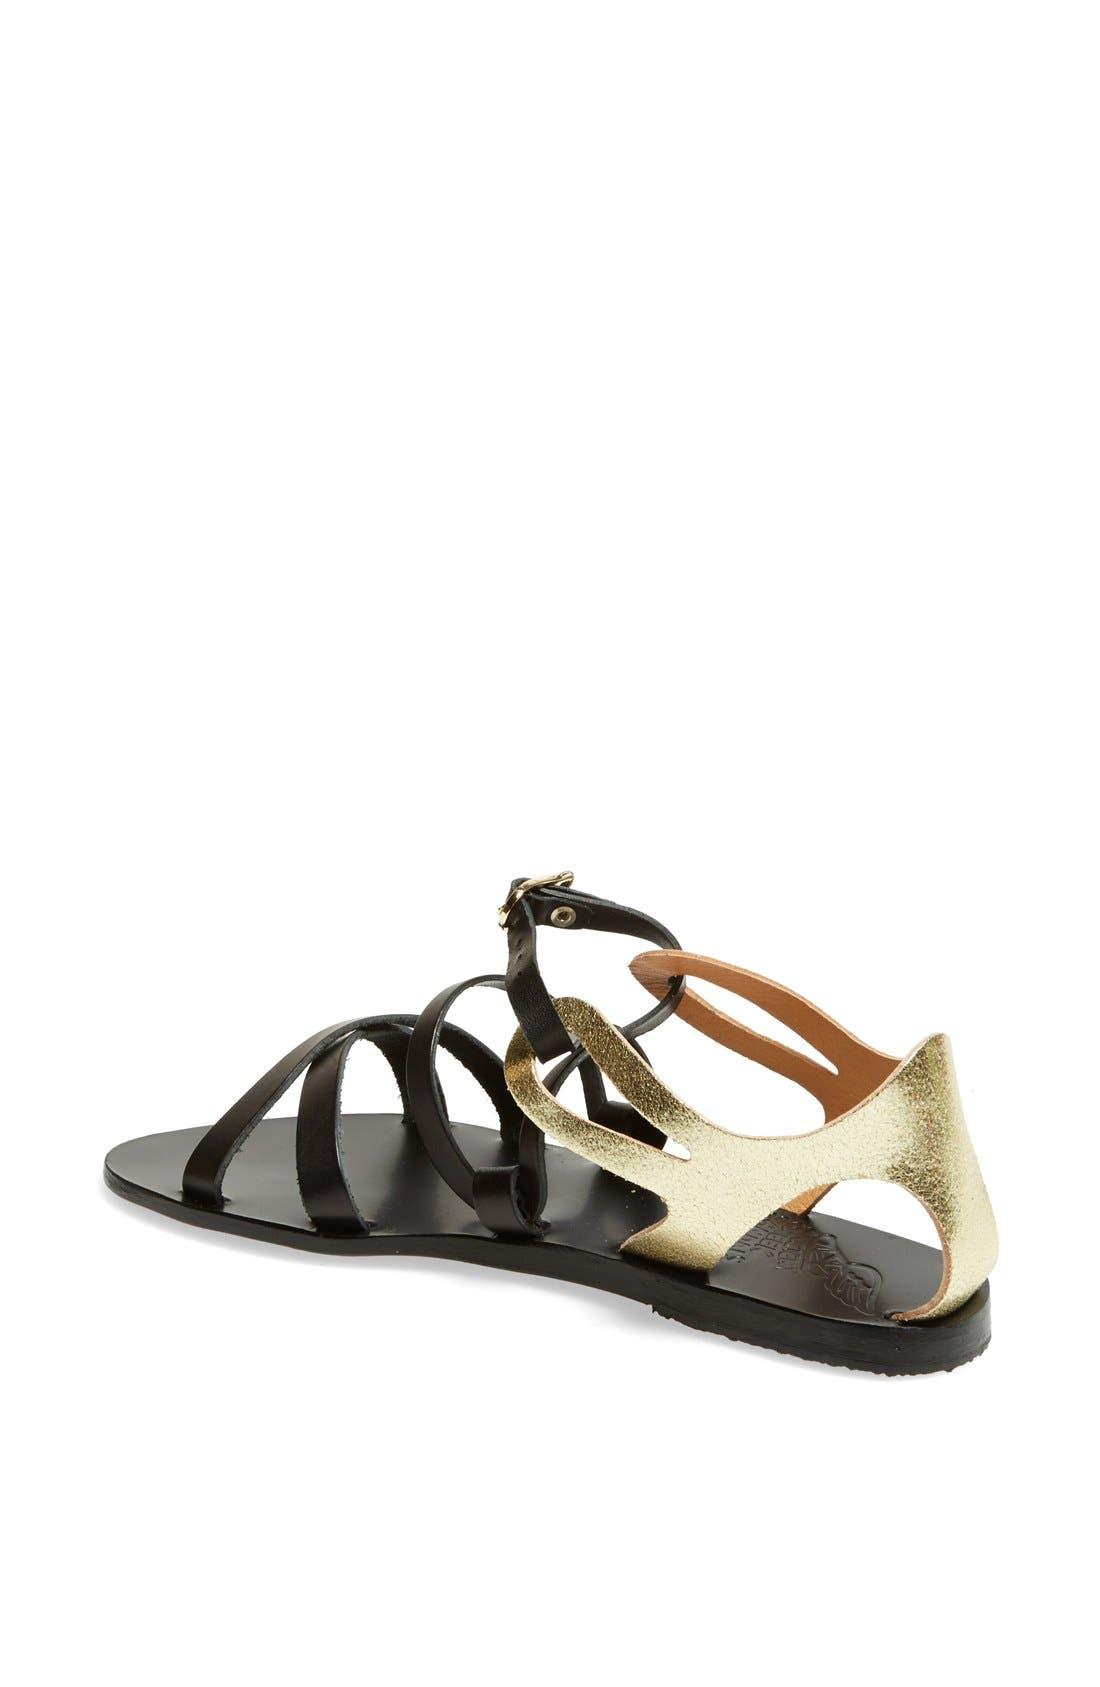 Alternate Image 2  - Ancient Greek Sandals 'Ellie' Leather Ankle Strap Sandal